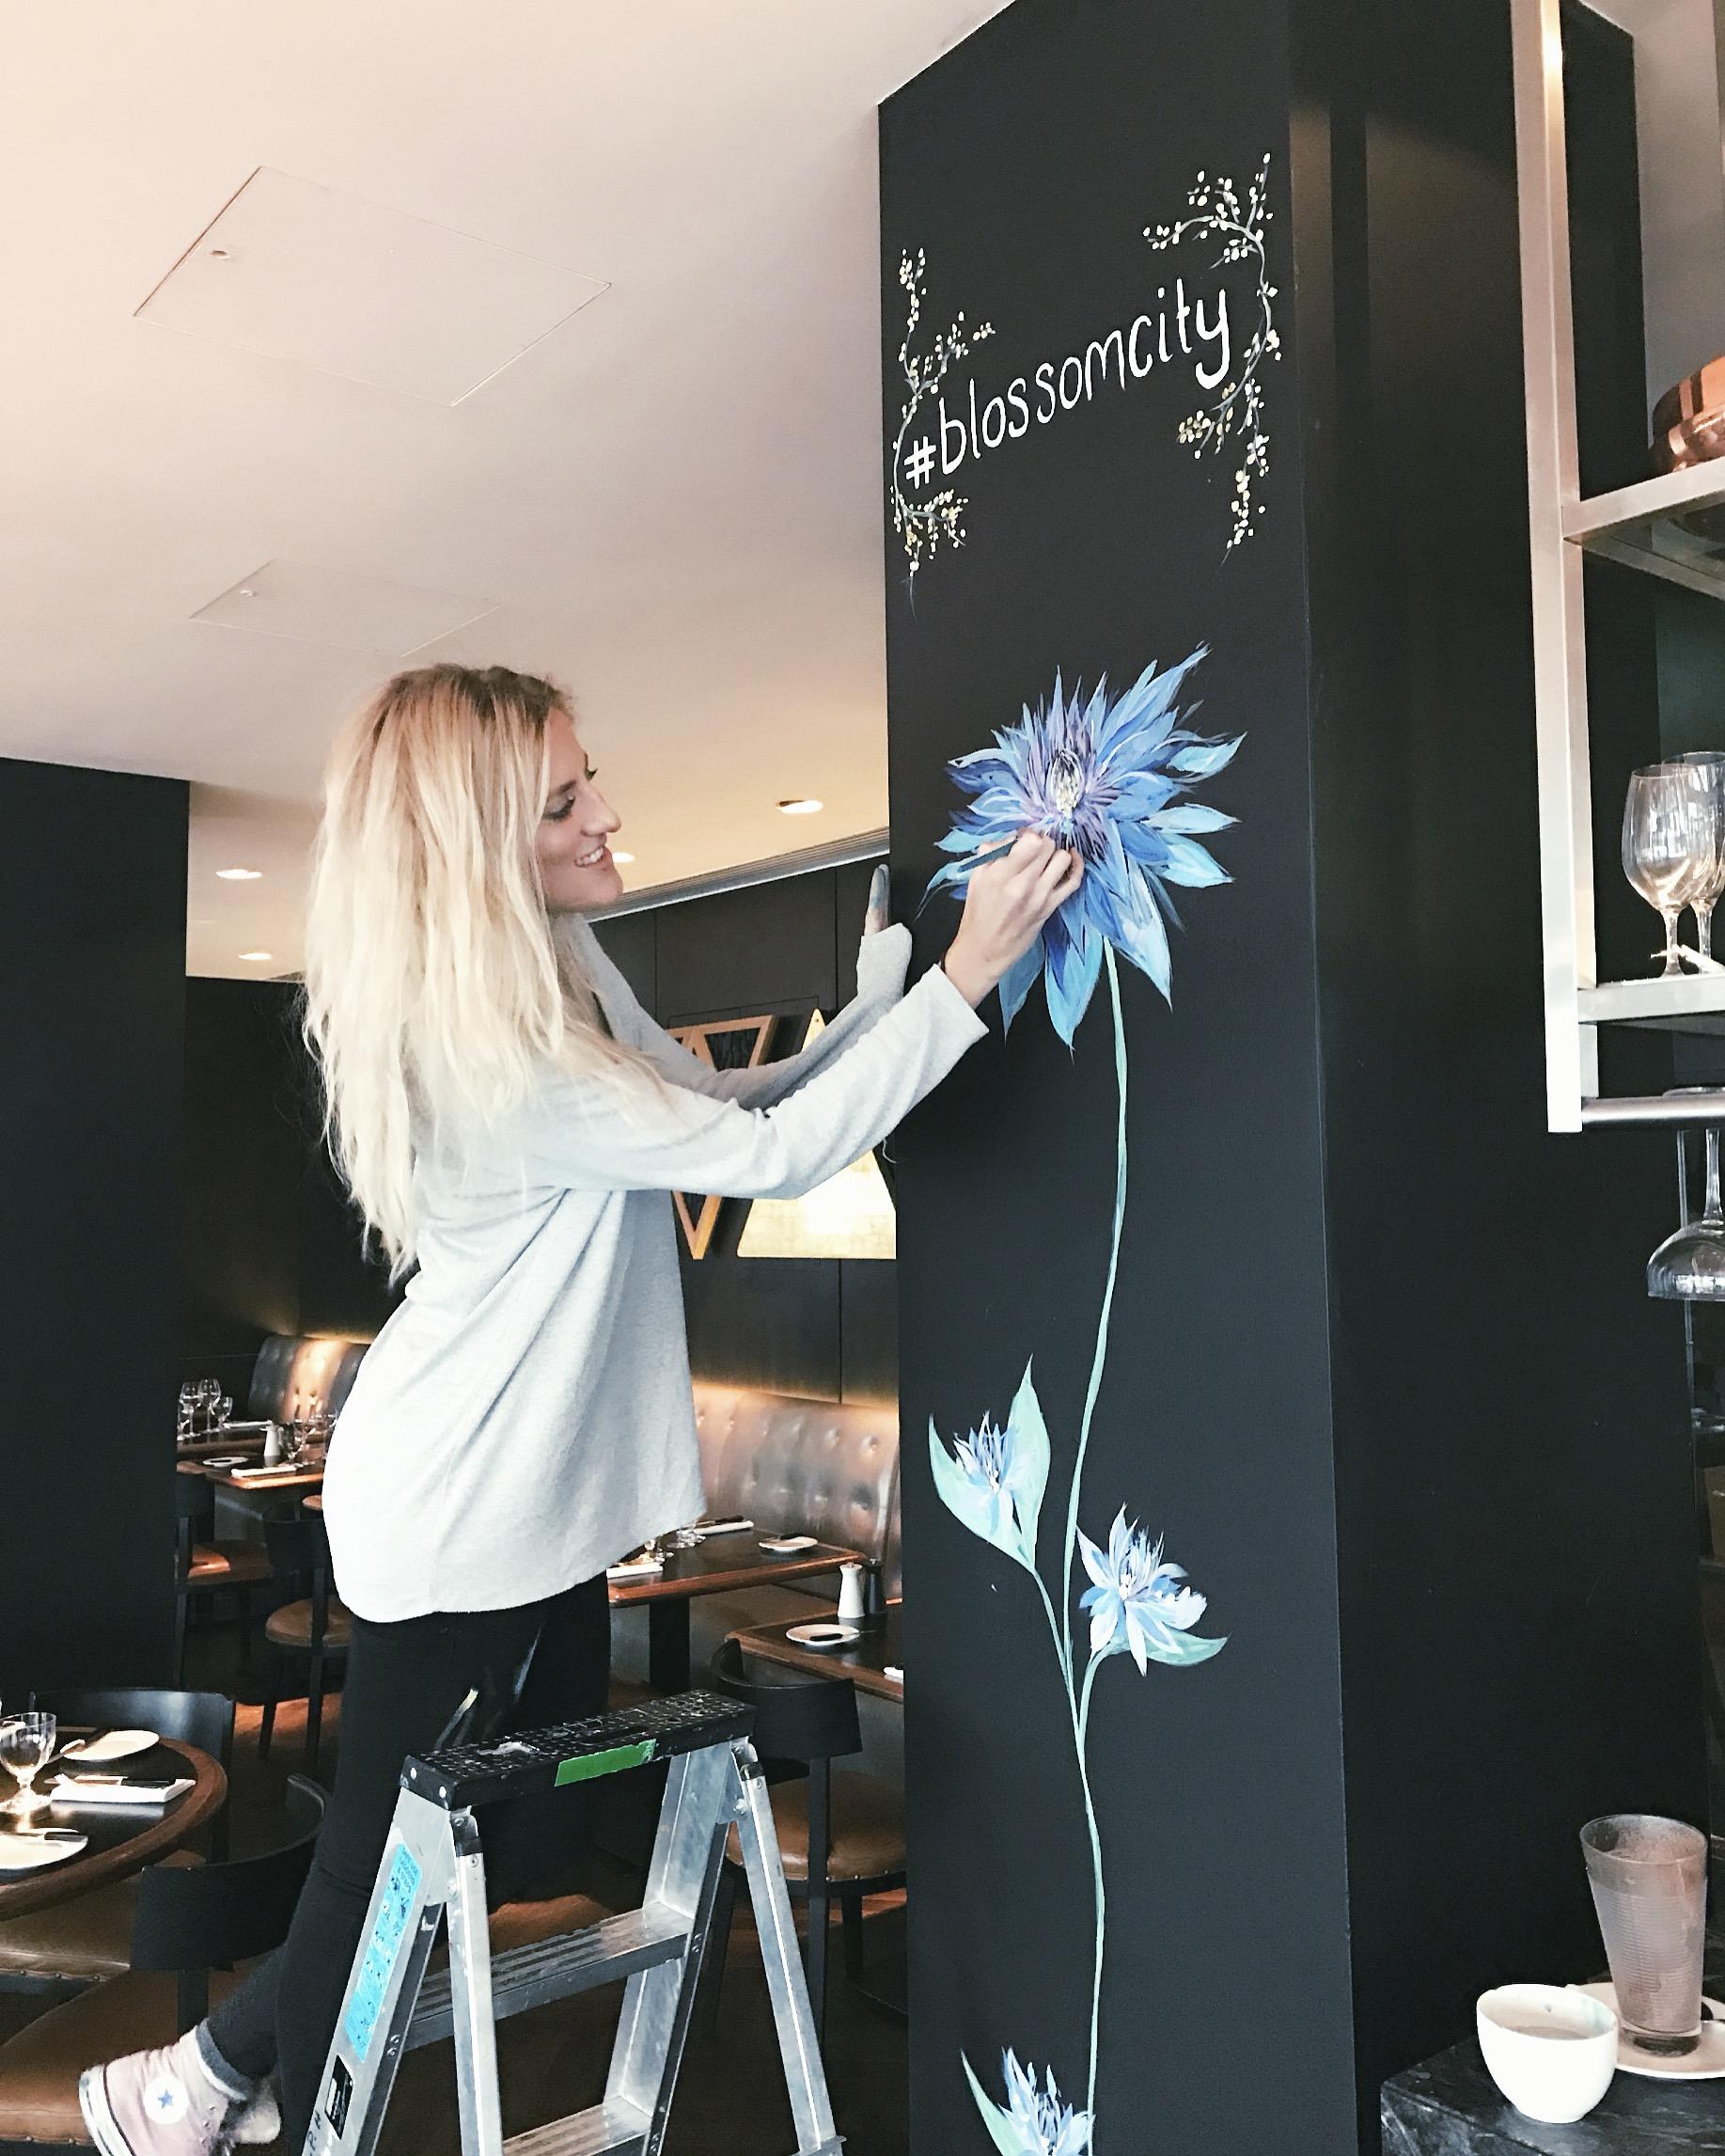 Sophie Tea Blossom City Flower Mural